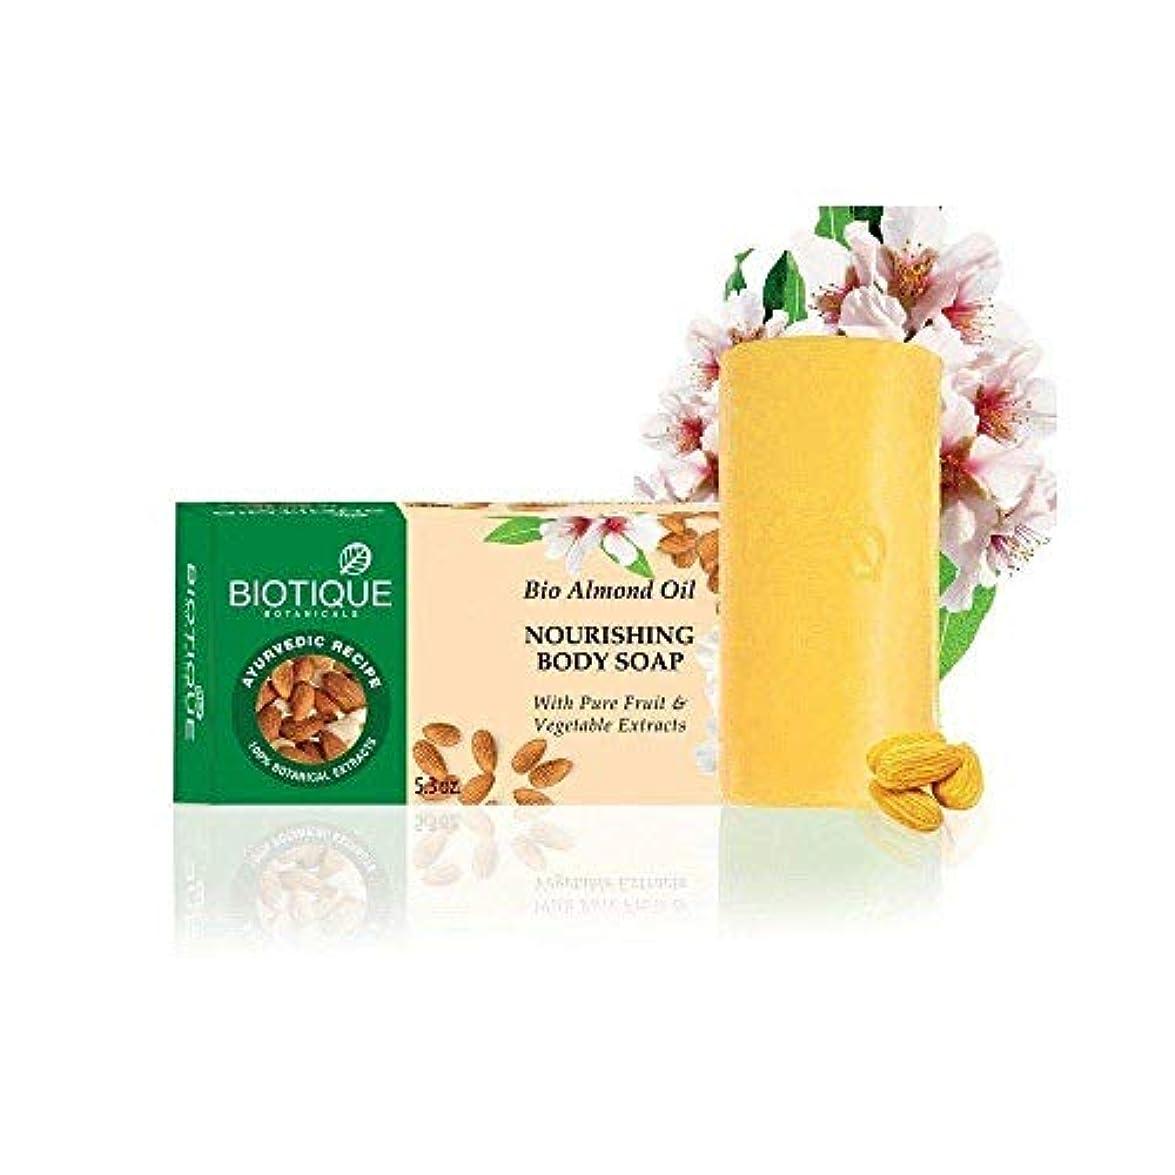 スペード経済的ドラゴンBiotique Bio Almond Oil Nourishing Body Soap - 150g (Pack of 2) wash Impurities Biotique Bio Almond Oilナリッシングボディソープ...